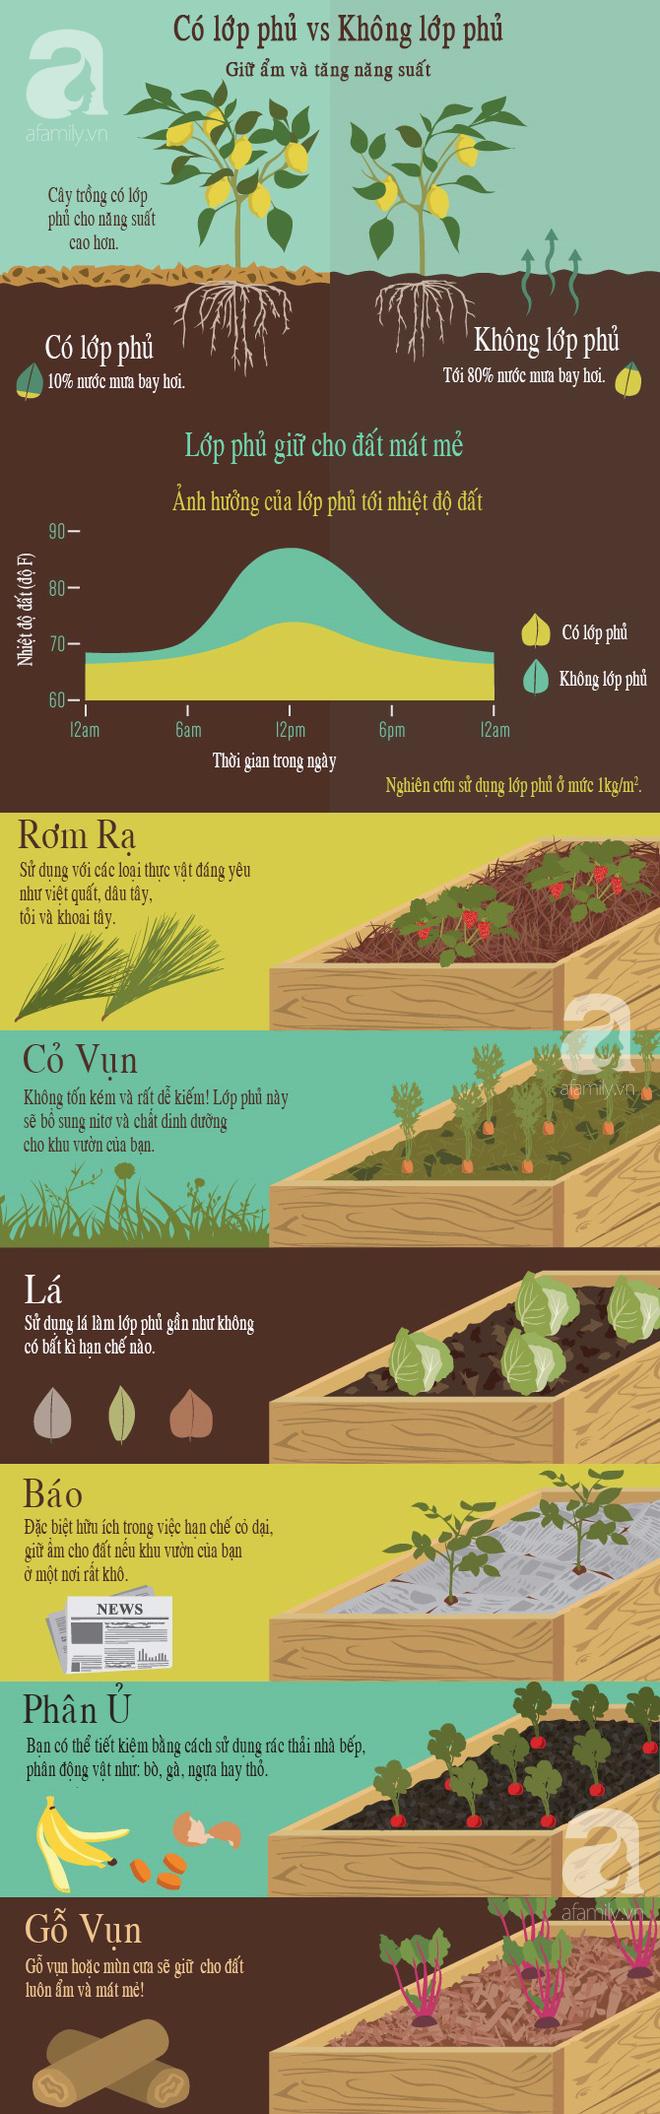 Cách giúp bạn tăng năng suất cây trồng cho khu vườn cực hiệu quả mà lại dễ làm - Ảnh 1.